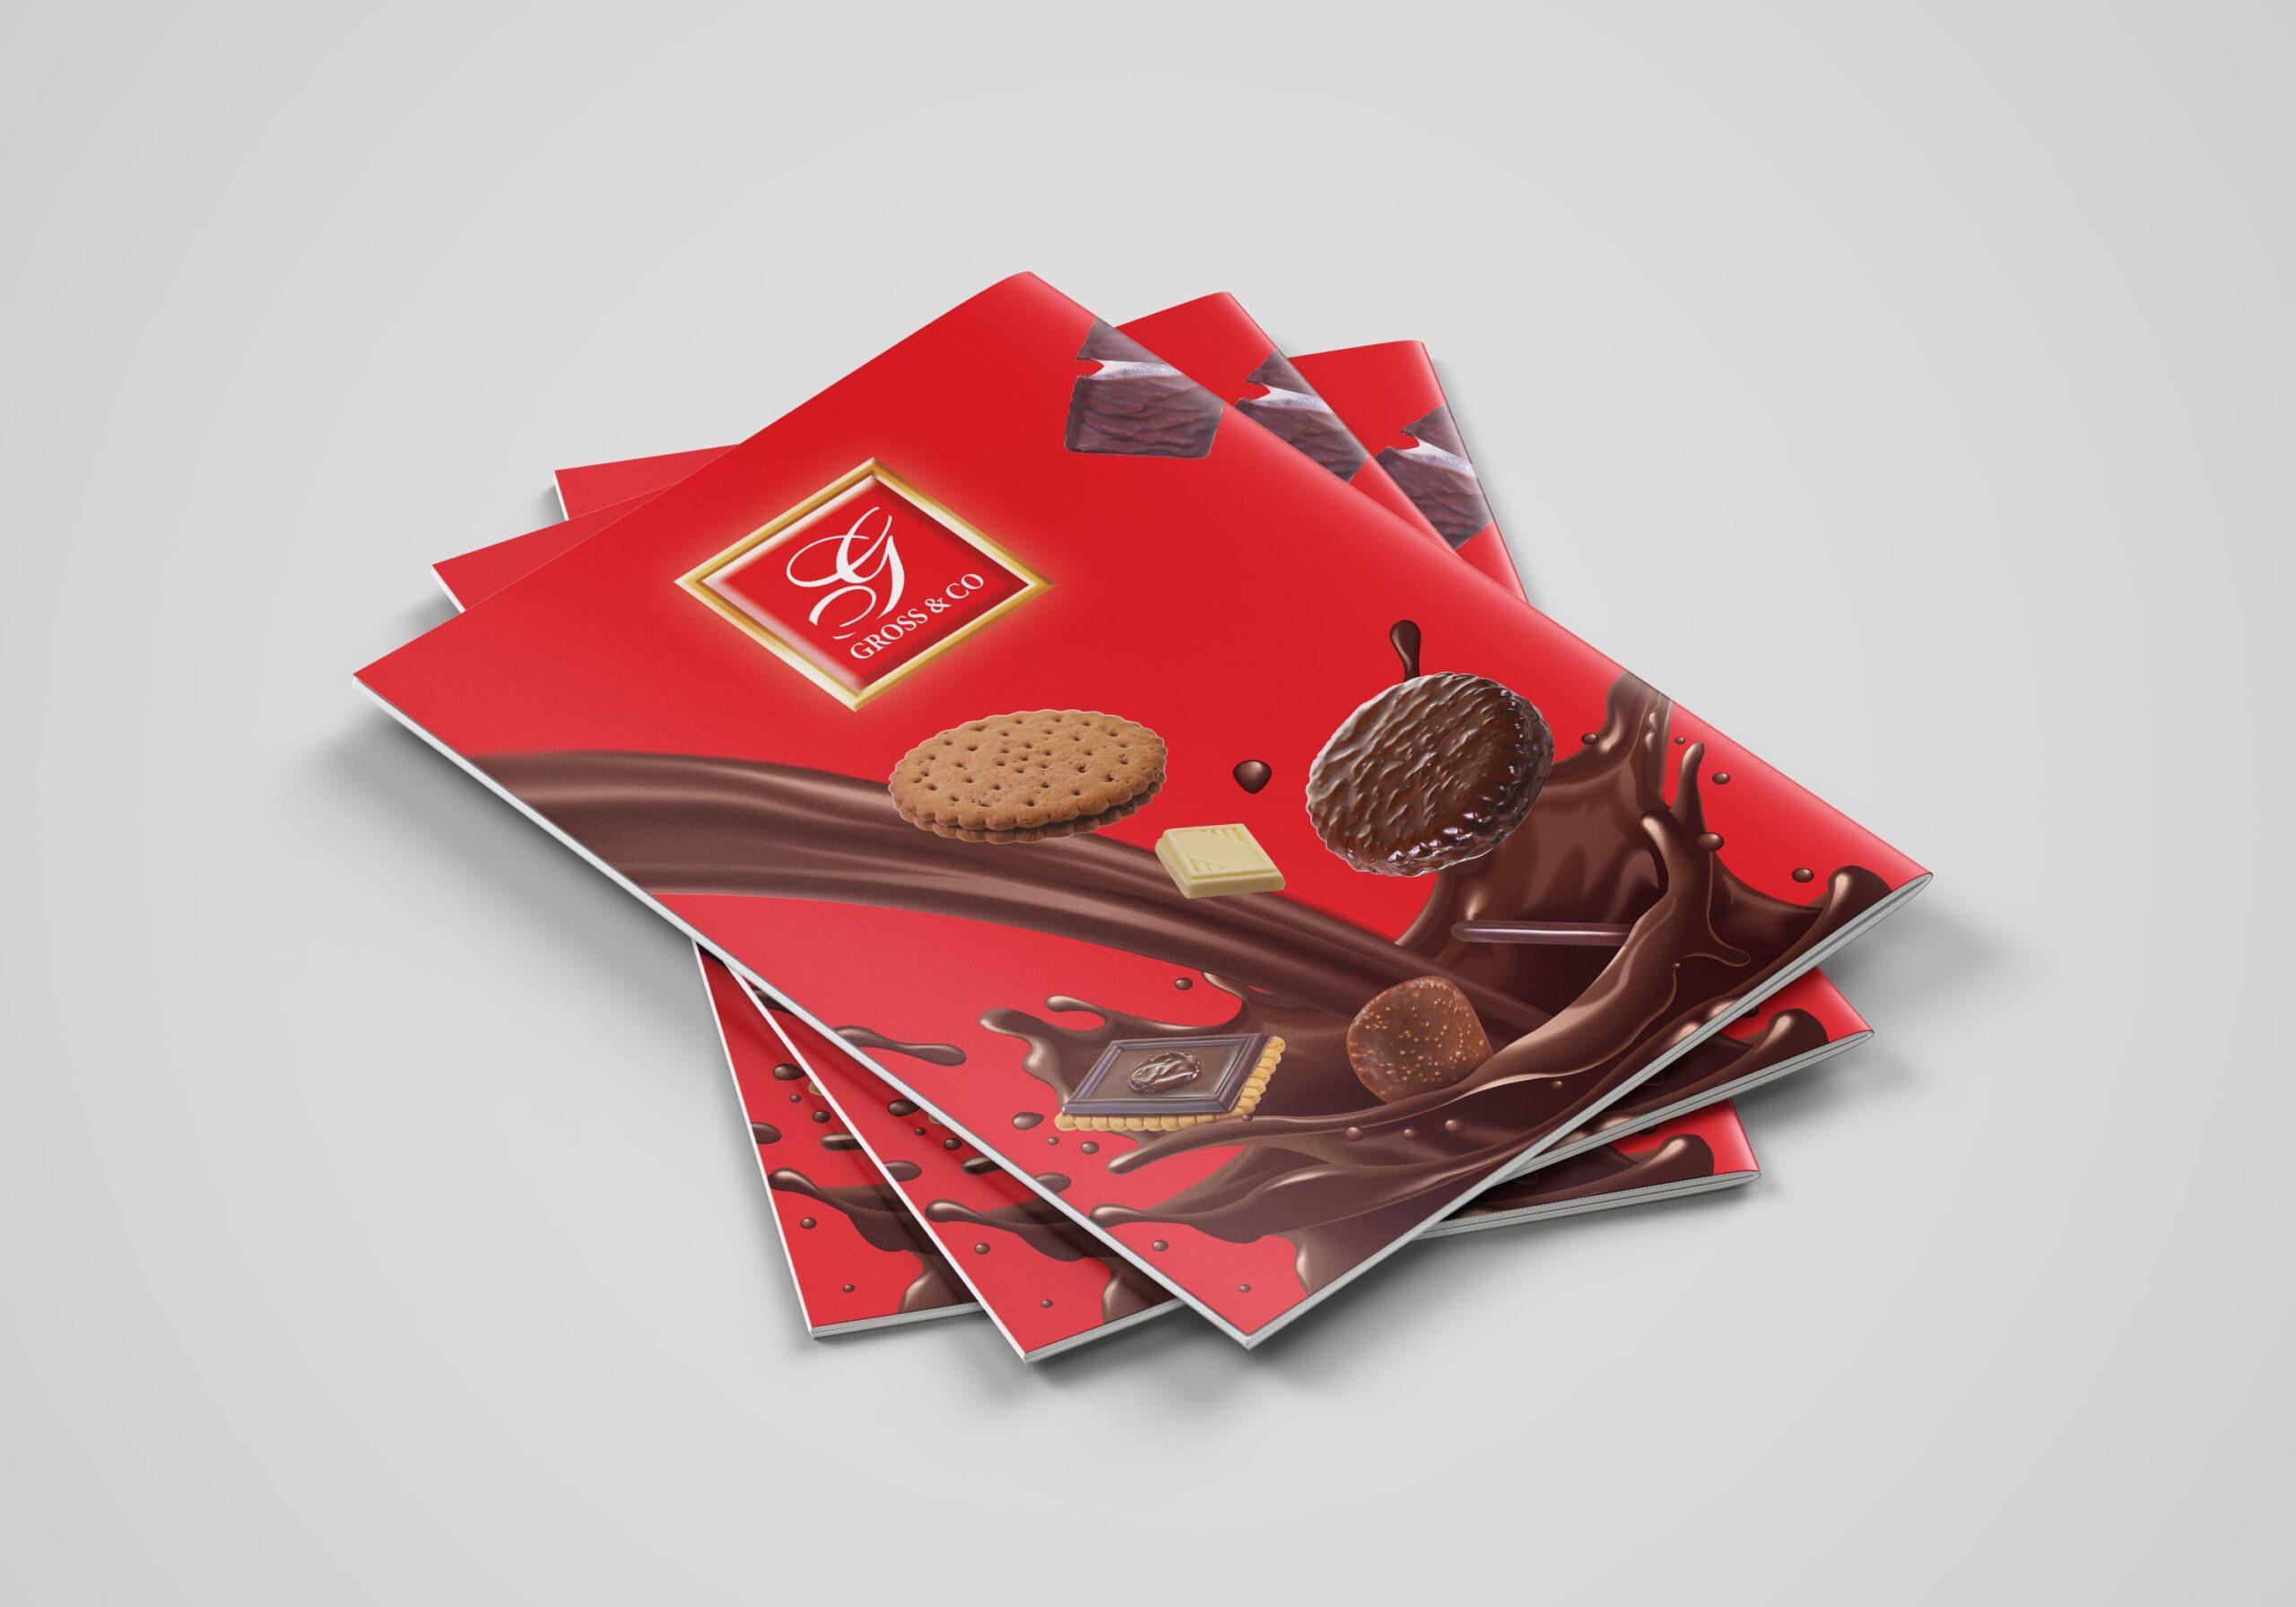 קטלוגים שוקולד גרוס